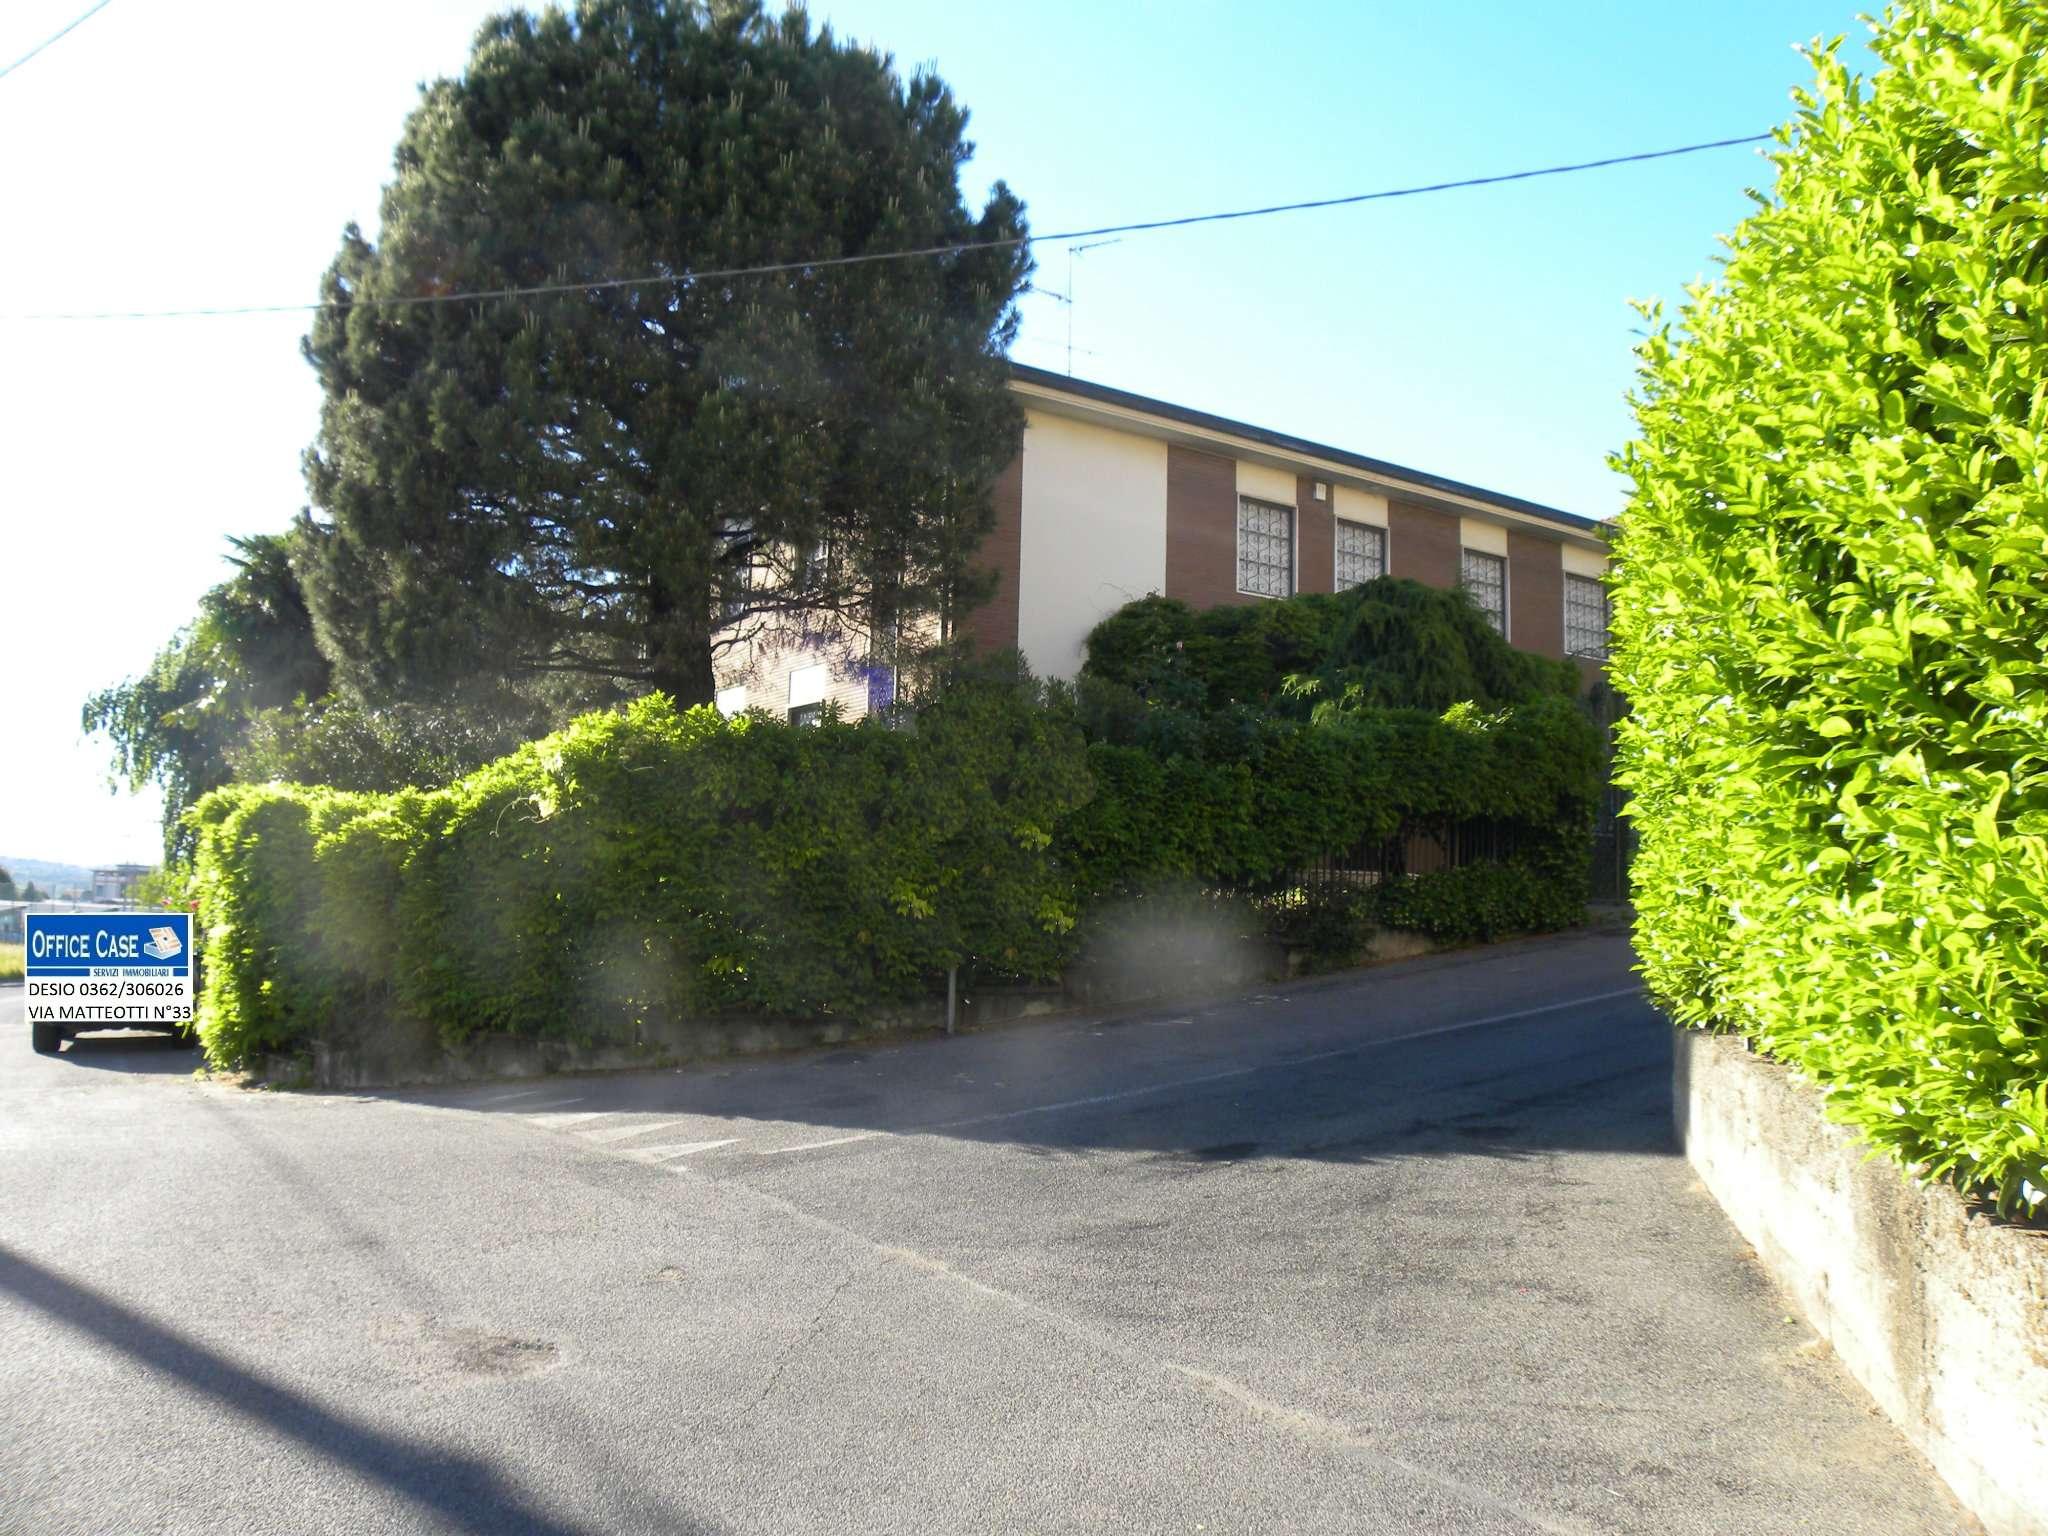 Villa in vendita a Renate, 6 locali, prezzo € 380.000 | Cambio Casa.it